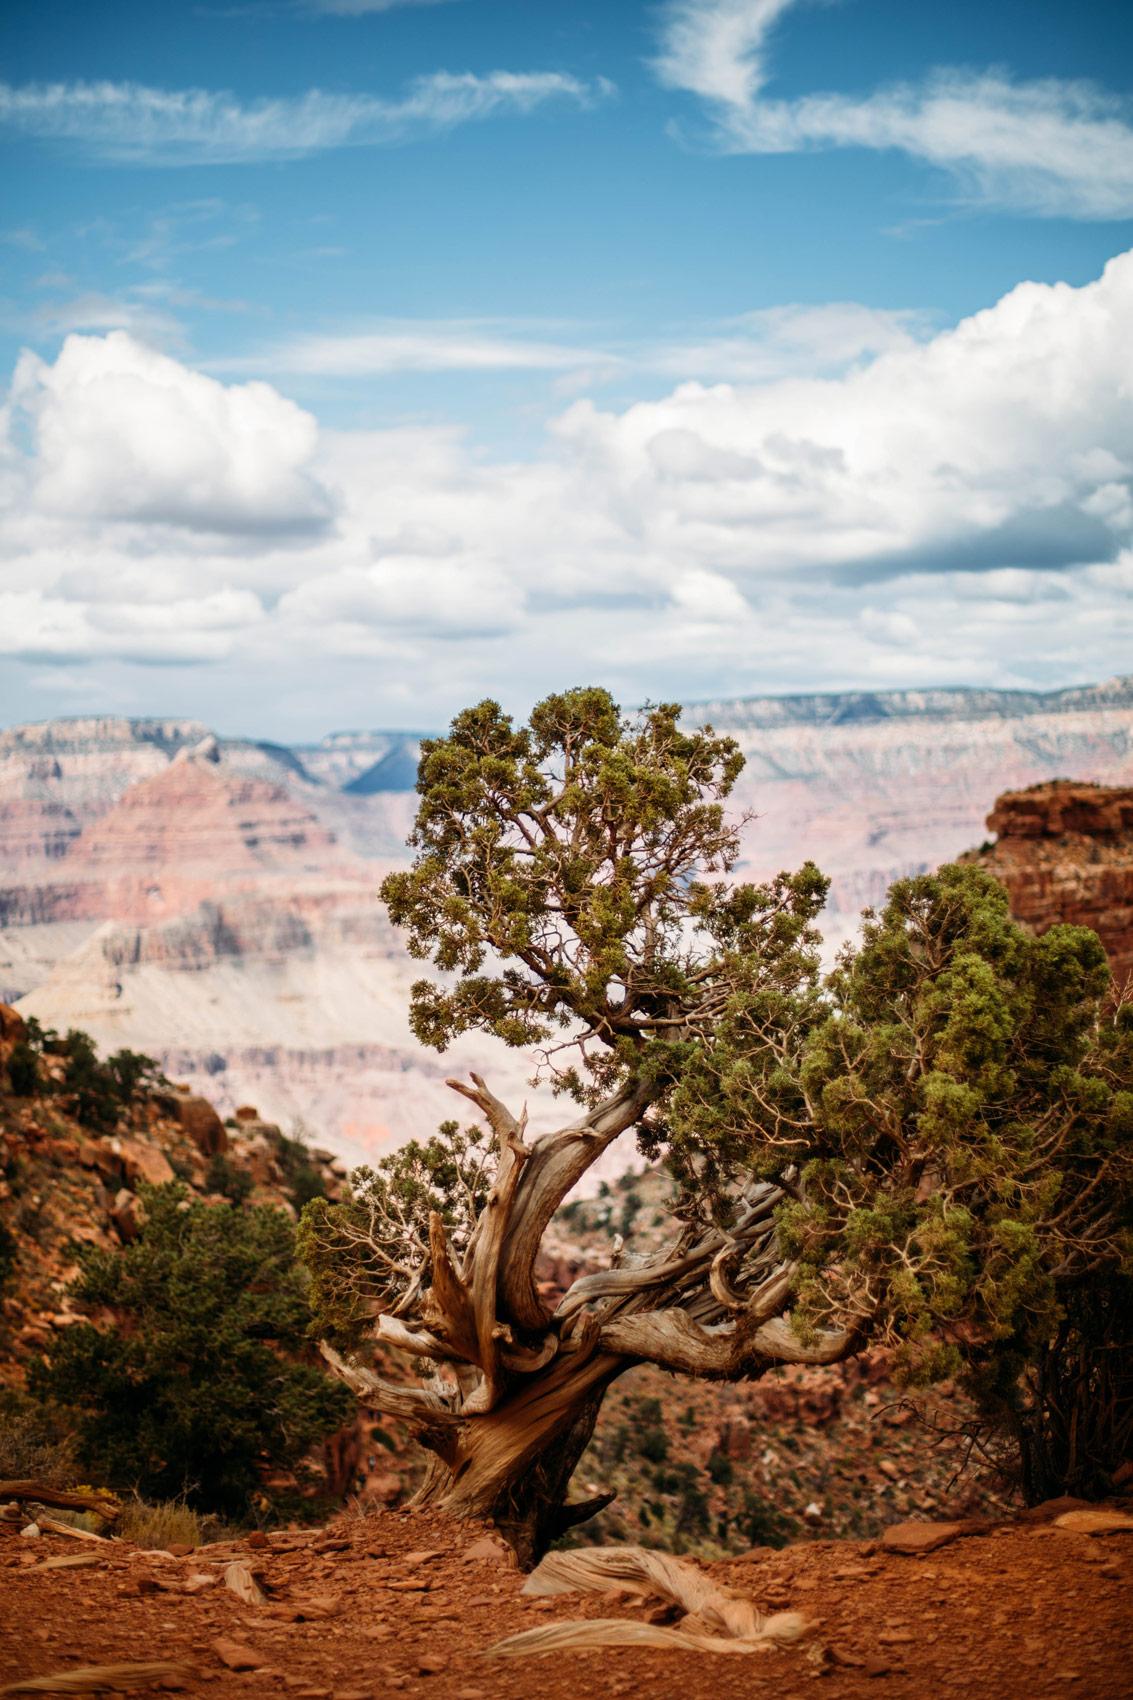 arbre solitaire Arizona ouest américain